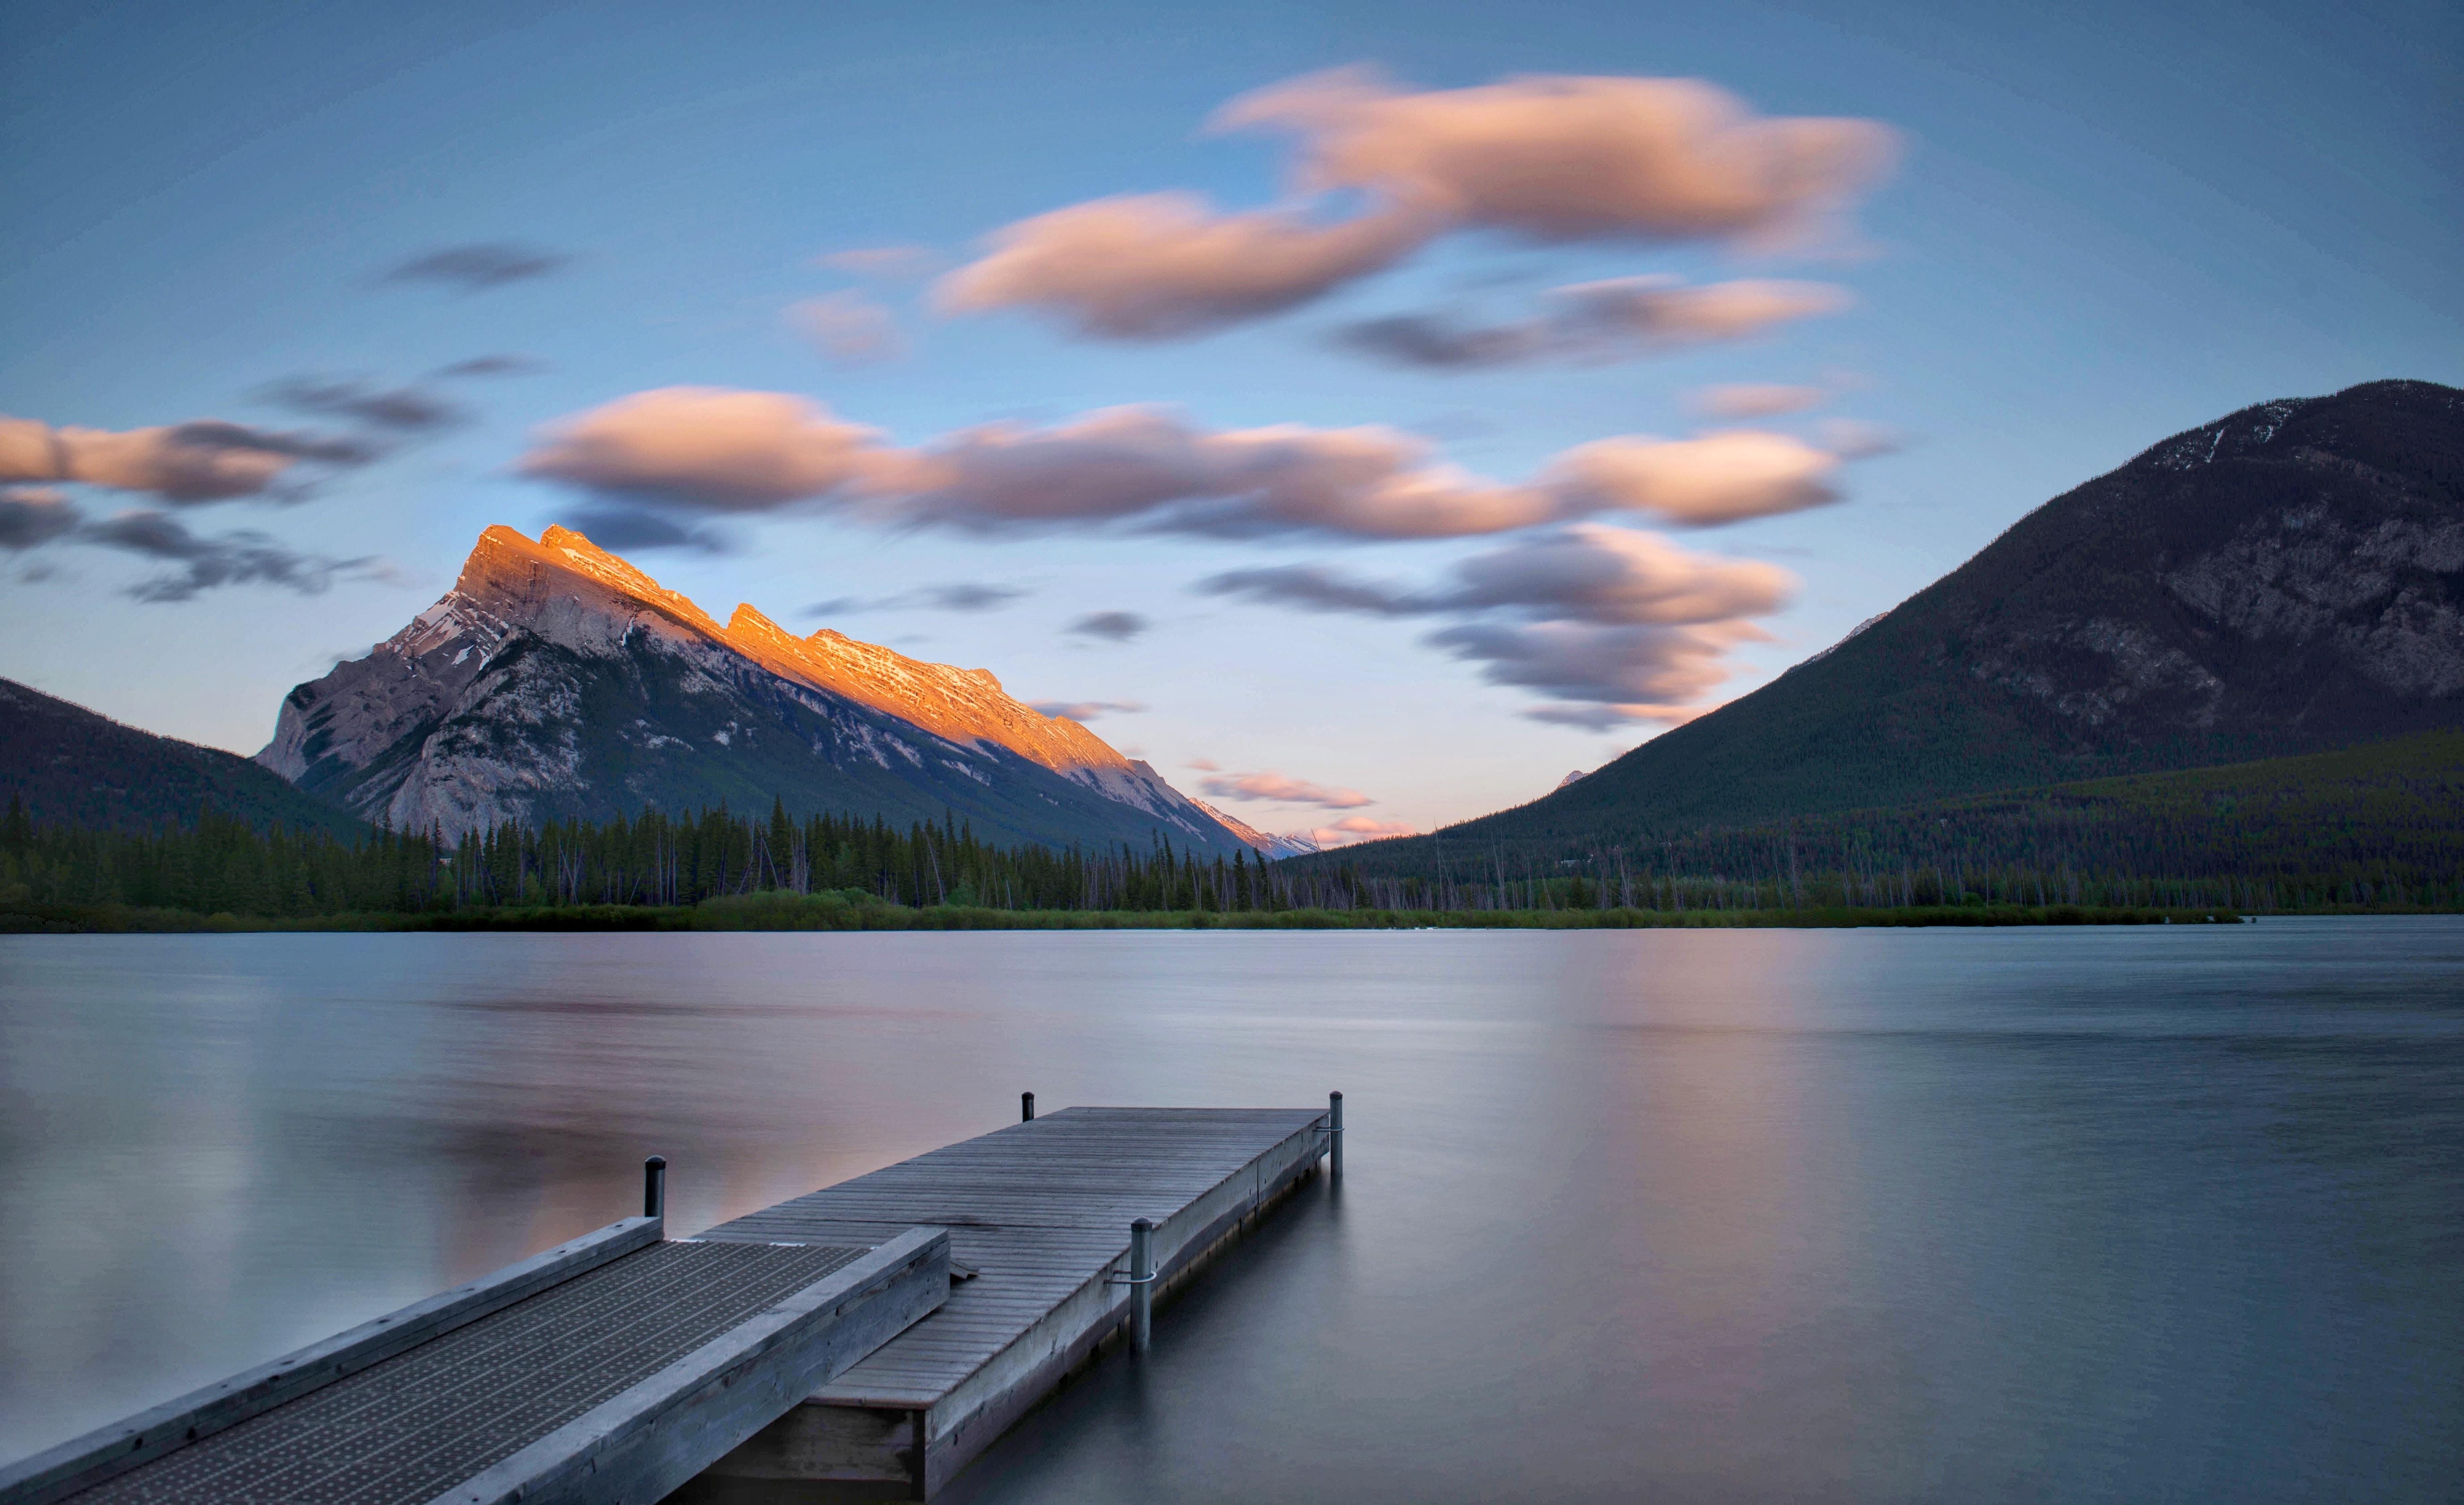 dock near mountain